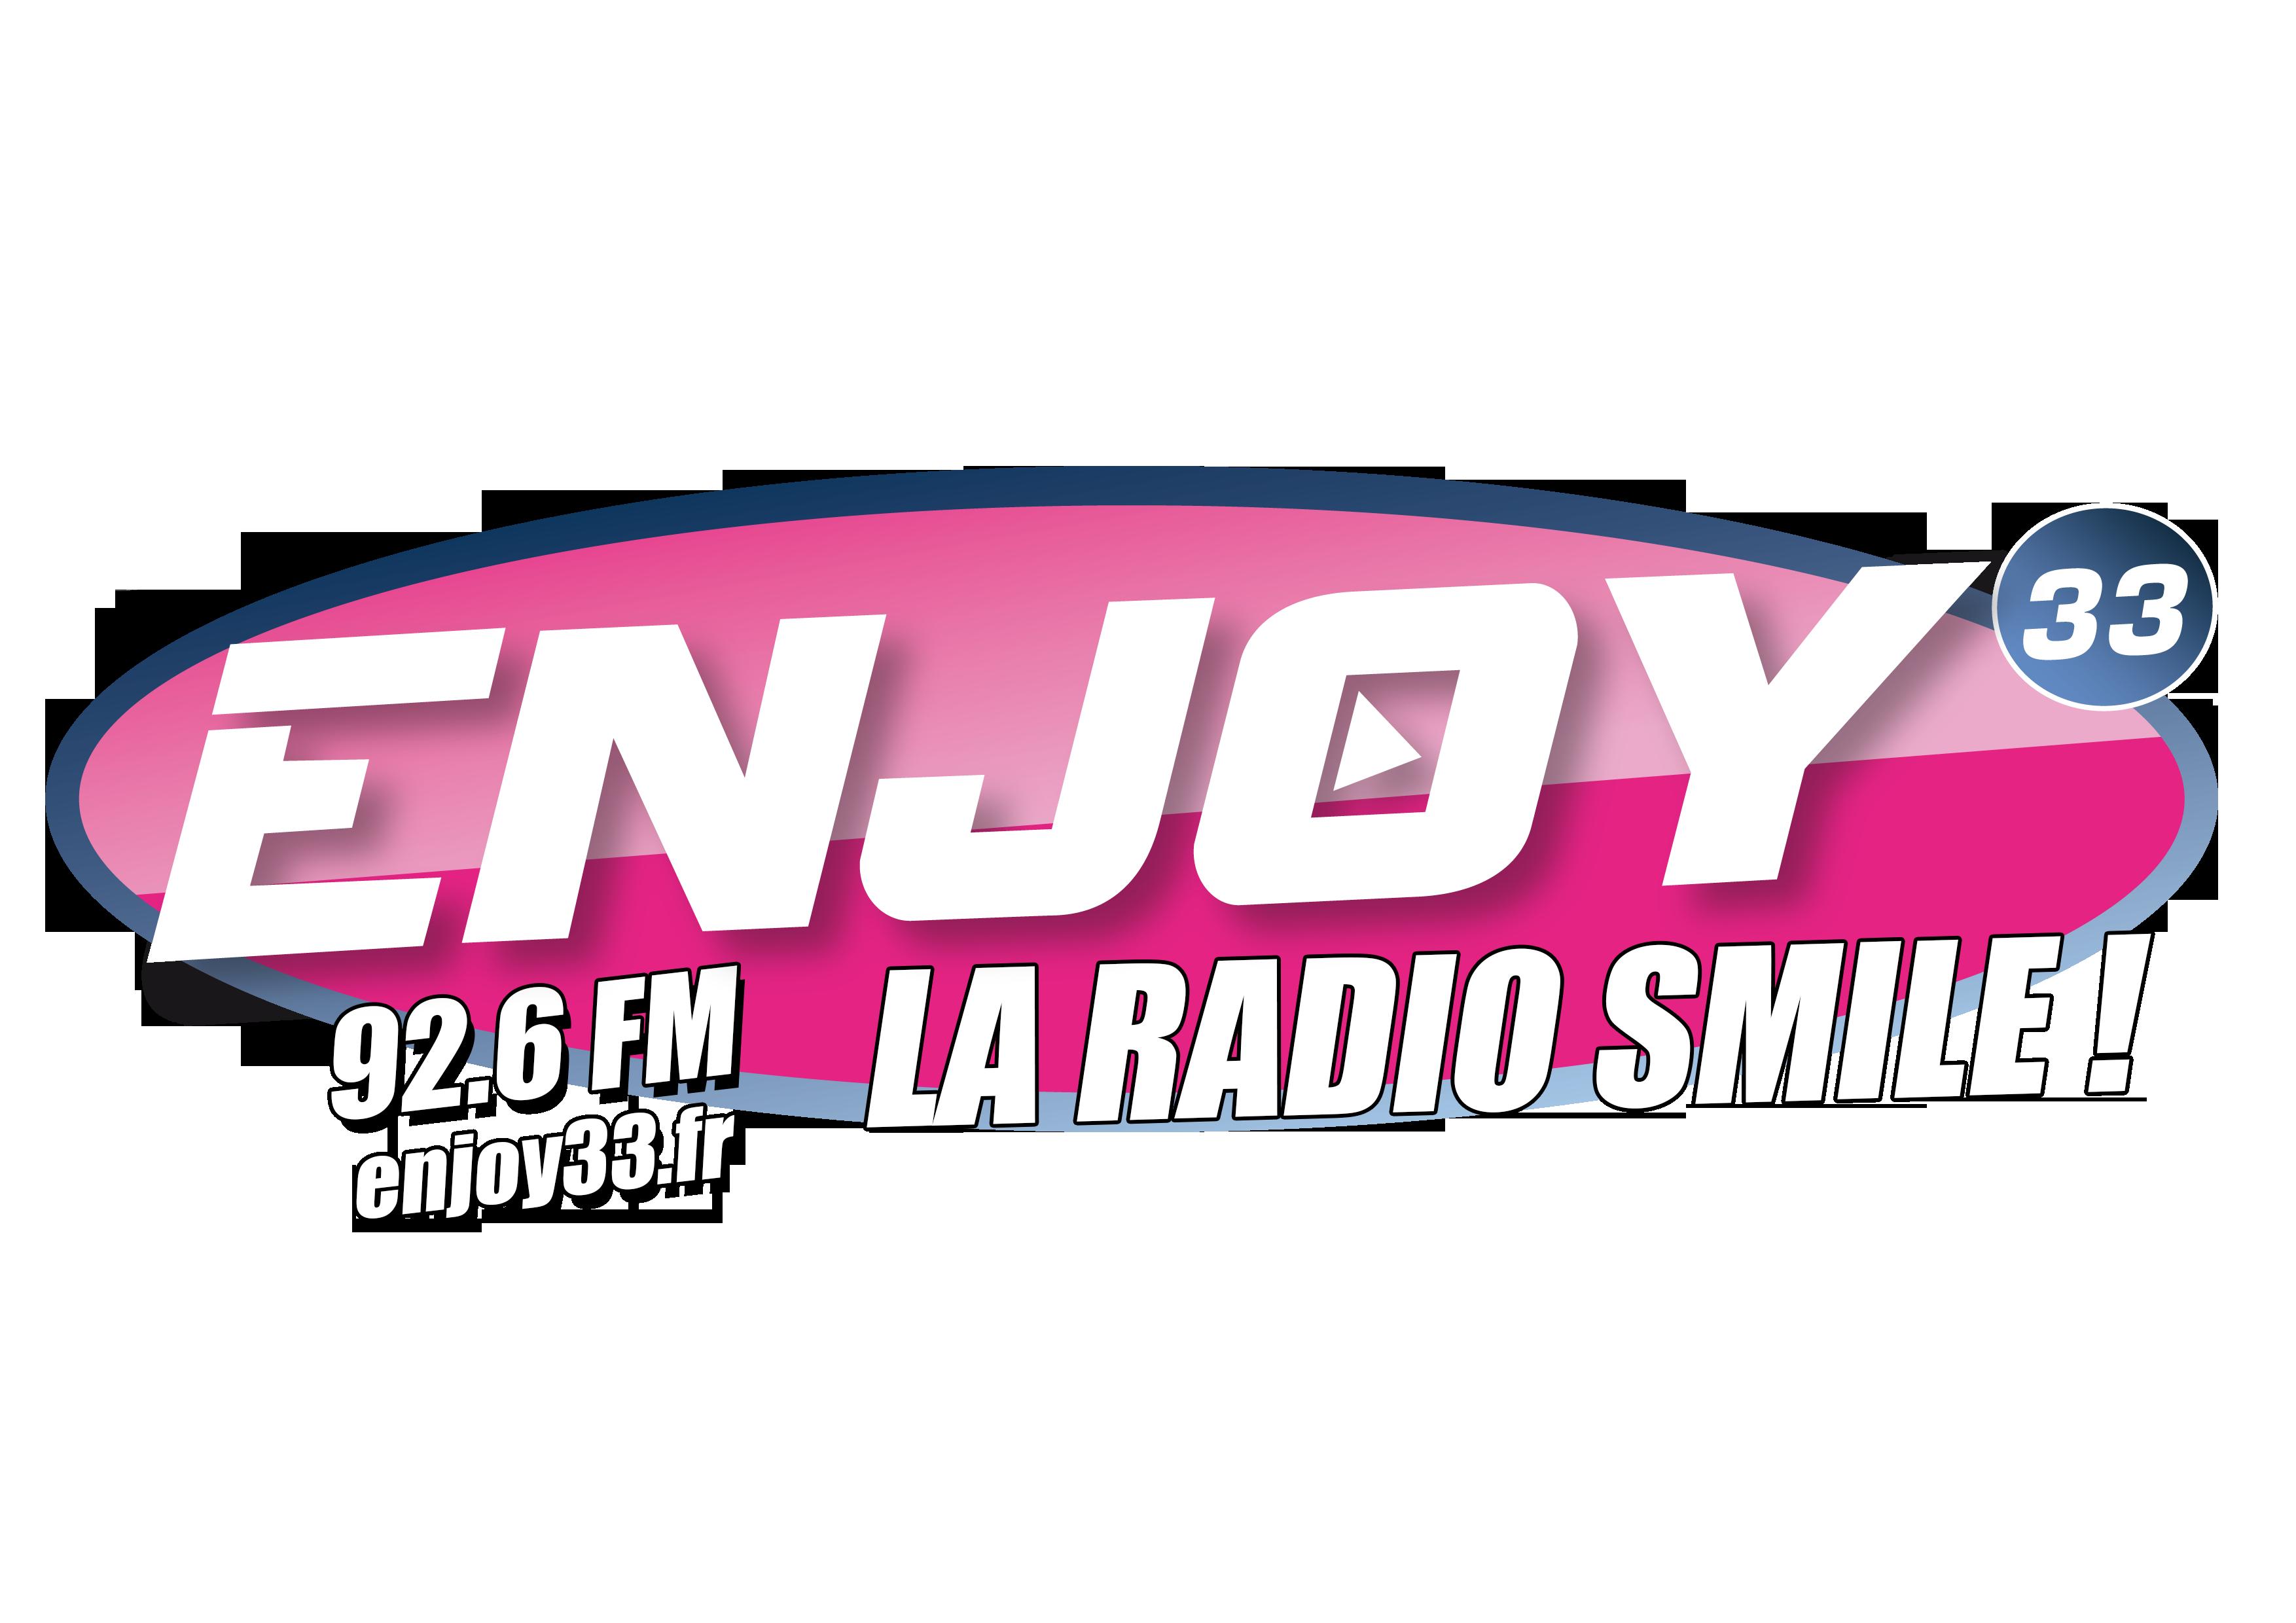 Enjoy33